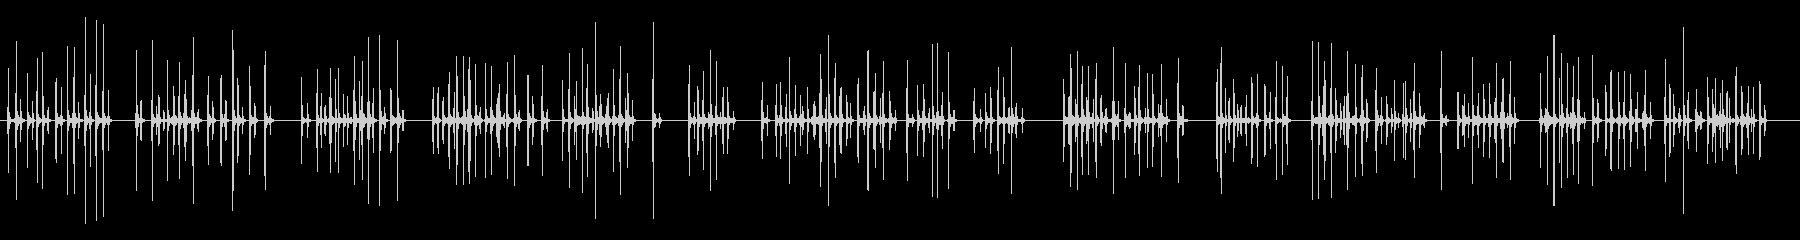 PC キーボード05-02(強)の未再生の波形